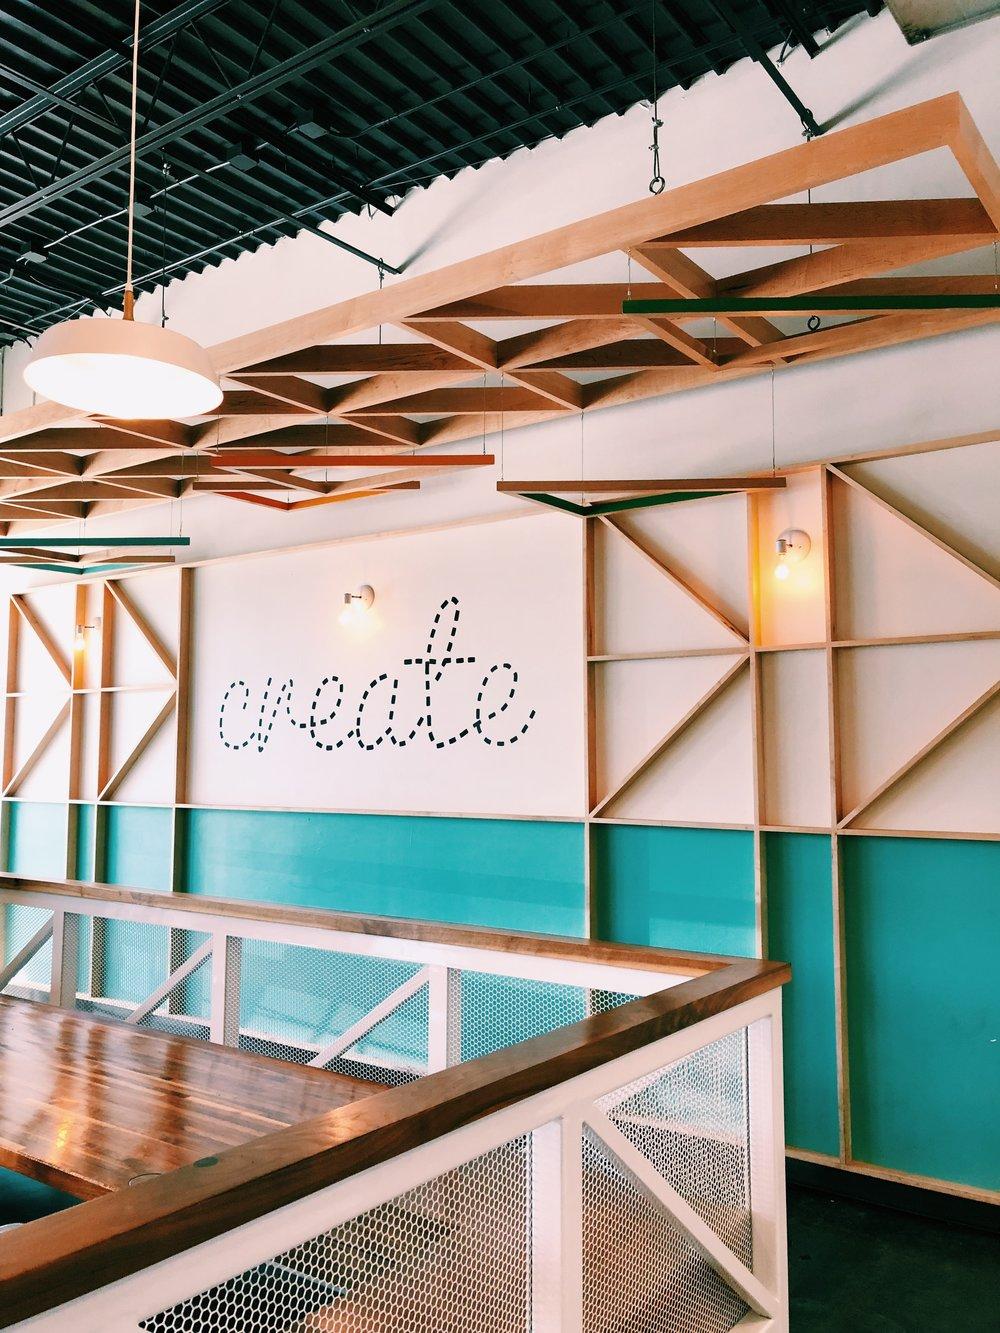 create-unsplash.jpg